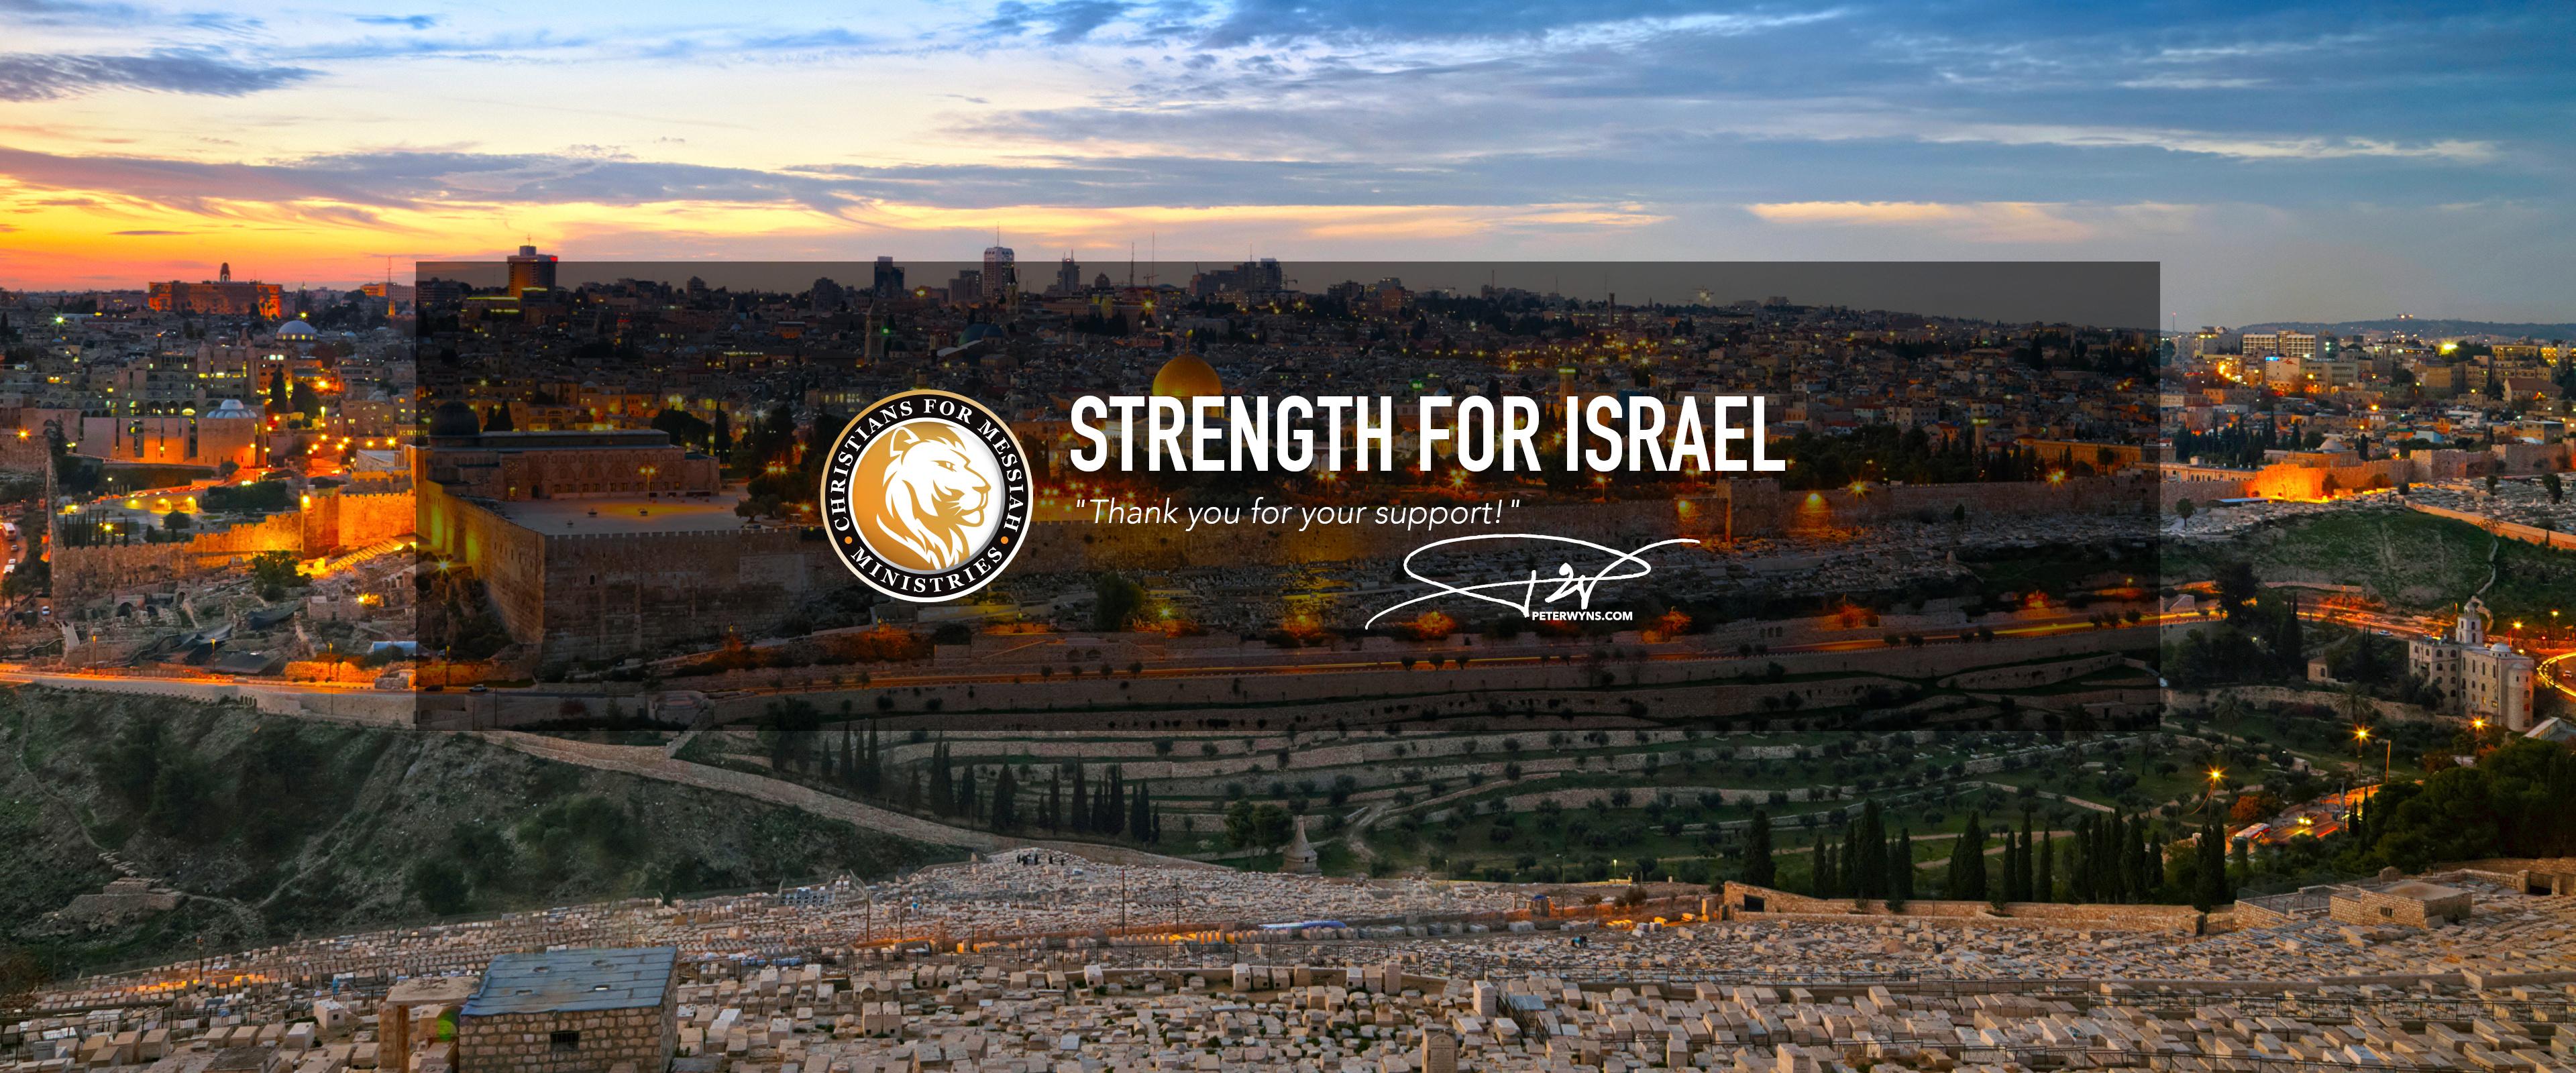 strength for israel banner